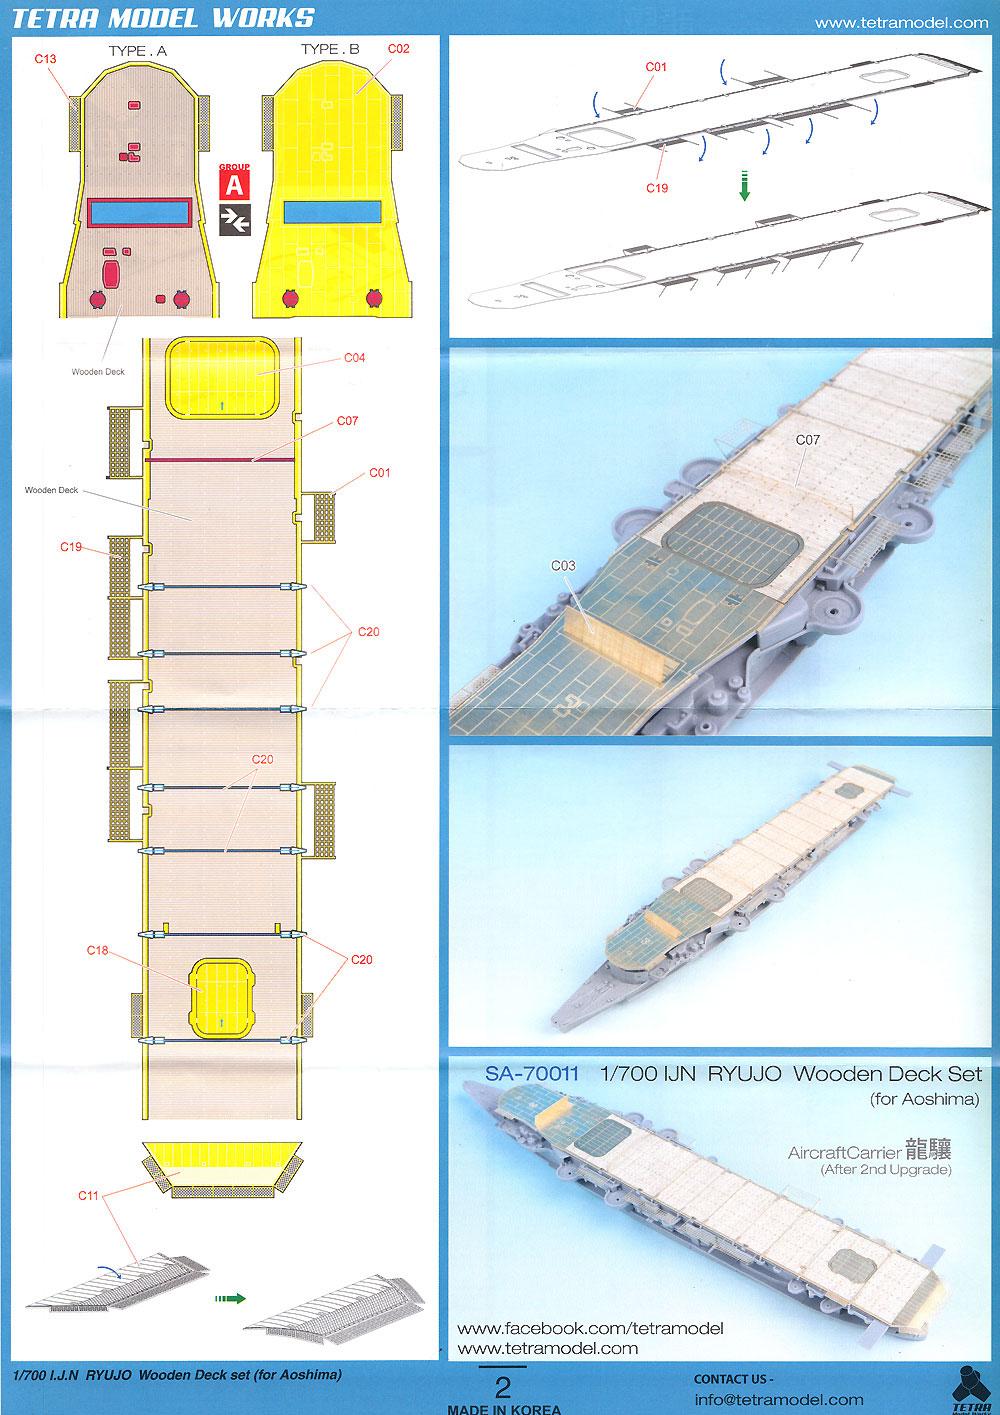 日本海軍 航空母艦 龍驤 第2次改装後 木製甲板 (アオシマ用)木甲板(テトラモデルワークス艦船 アクセサリーパーツNo.SA-70011)商品画像_3